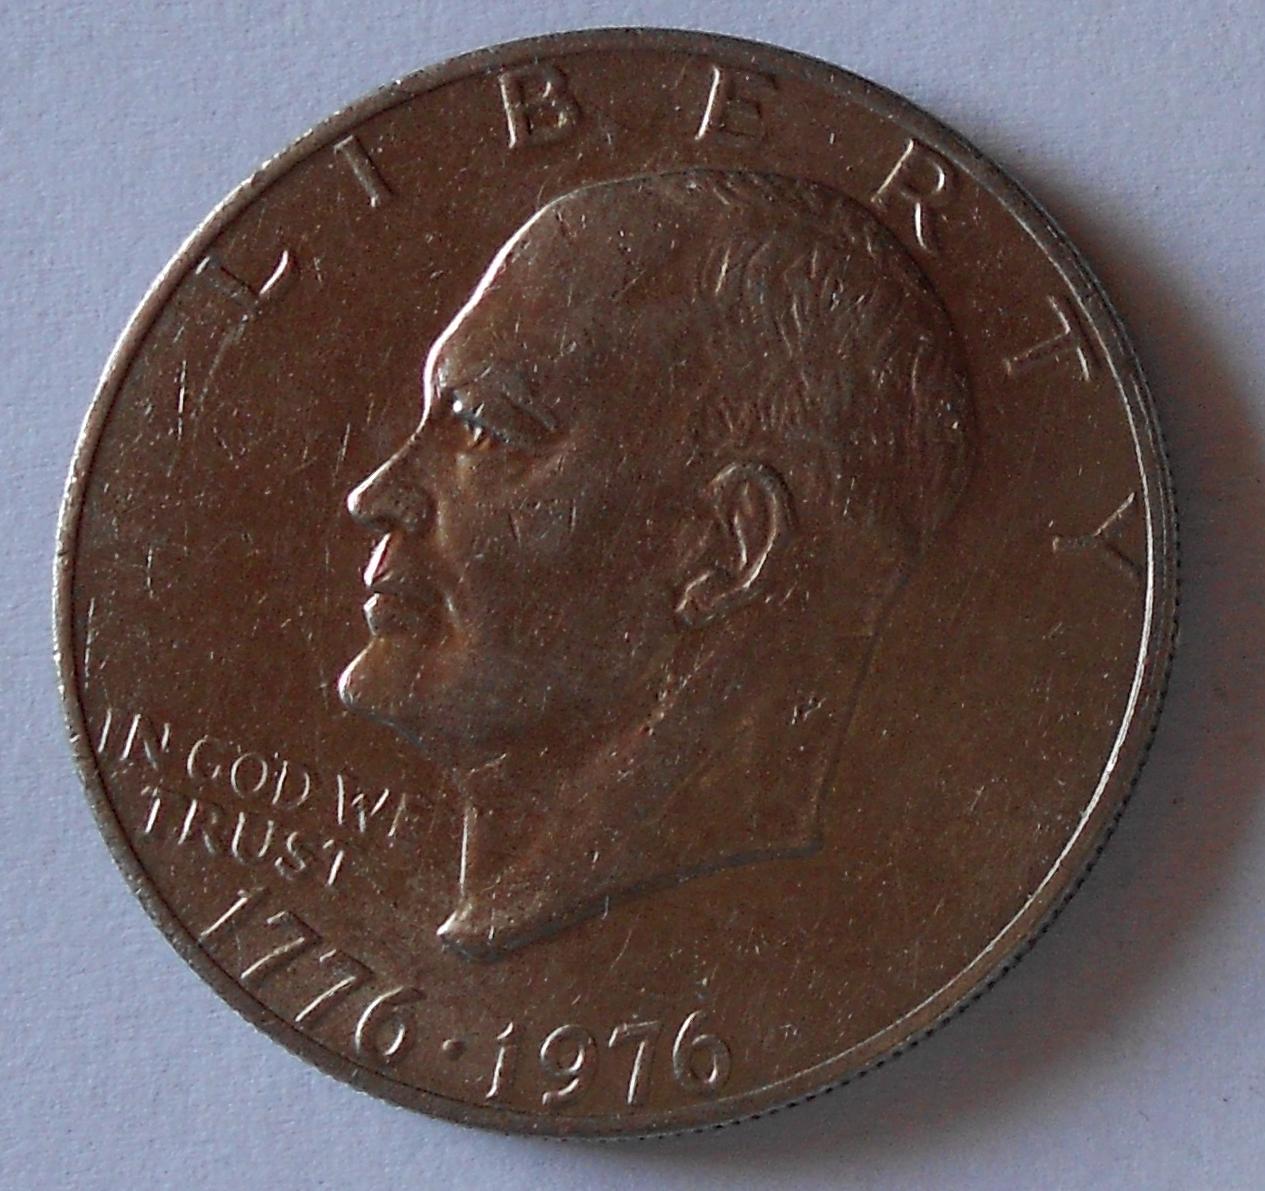 USA 1 Dolar 1776-1976